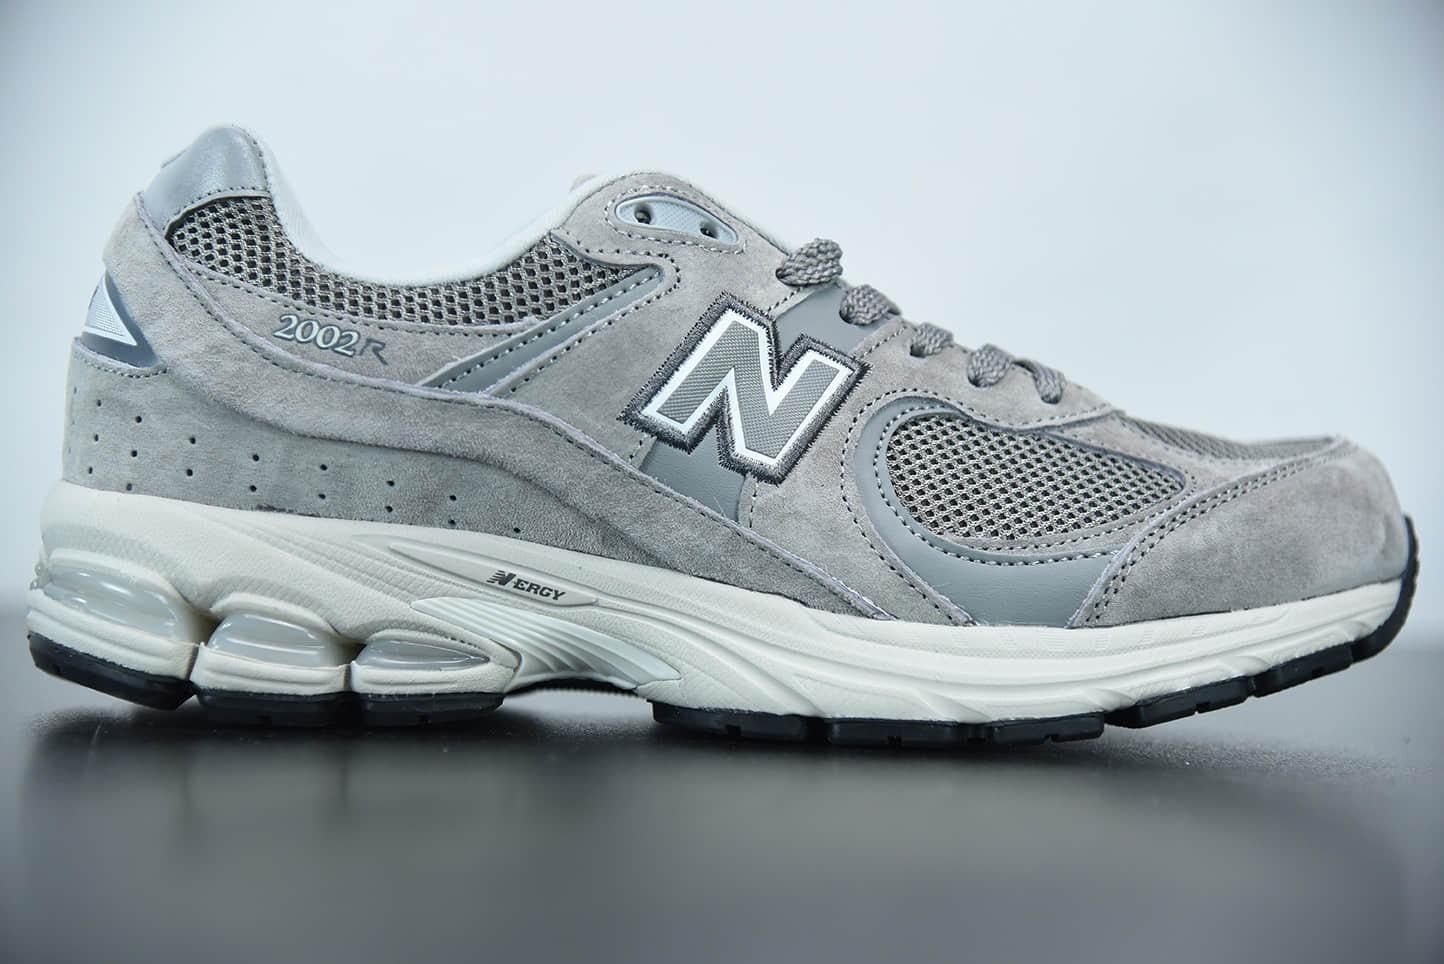 新百伦New Balance 2002R 元祖灰男女休闲慢跑鞋纯原版本 货号: ML2002RC